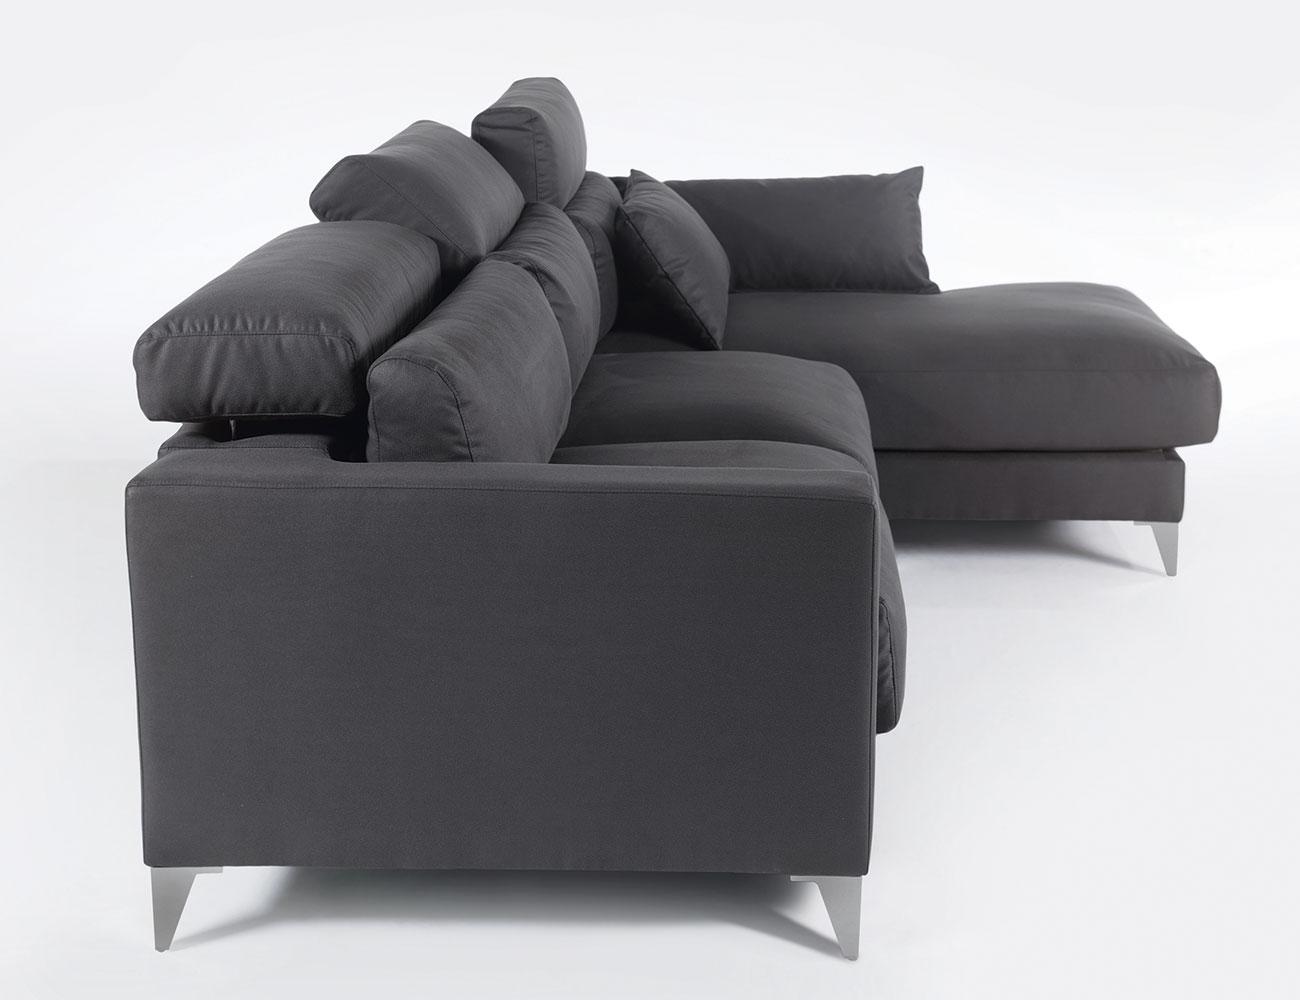 Sofa chaiselongue gran lujo decorativo grafito 117